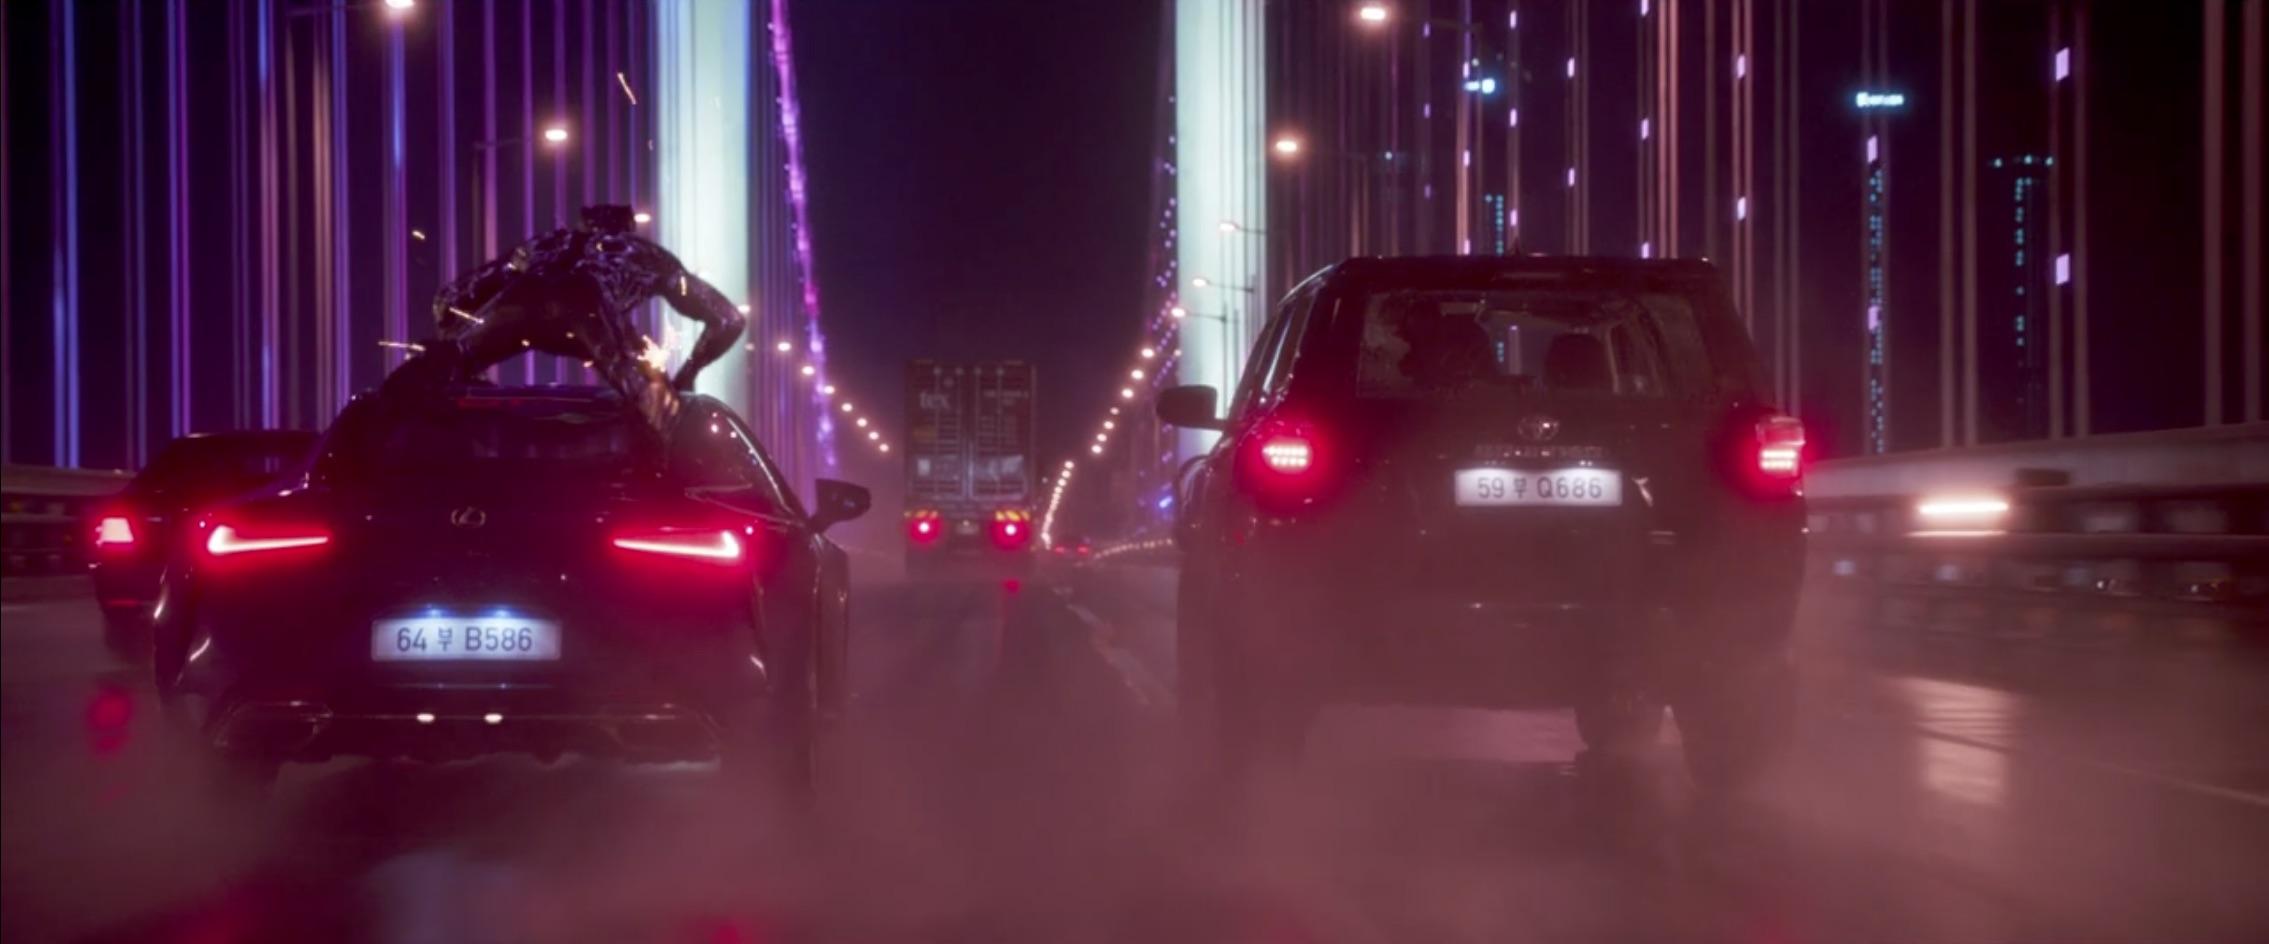 Marvel Black Panther bridge car chase